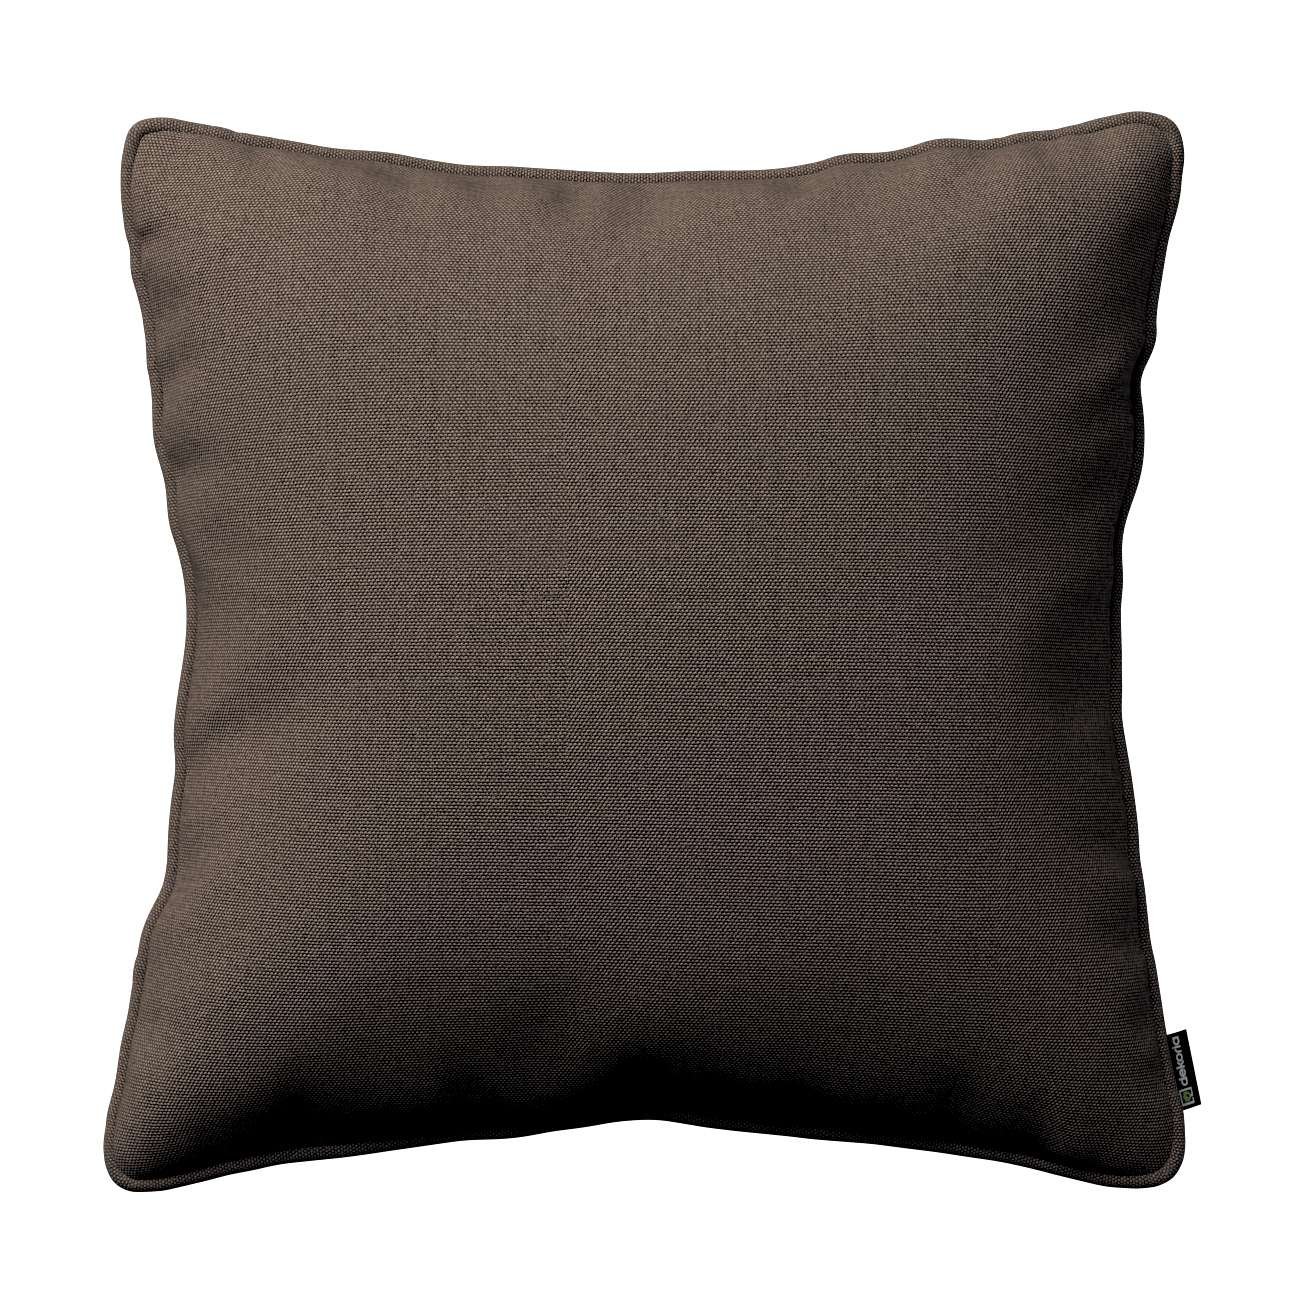 Gabi dekoratyvinės pagavėlės užvalkalas su specialia siūle 45 x 45 cm kolekcijoje Etna , audinys: 705-08